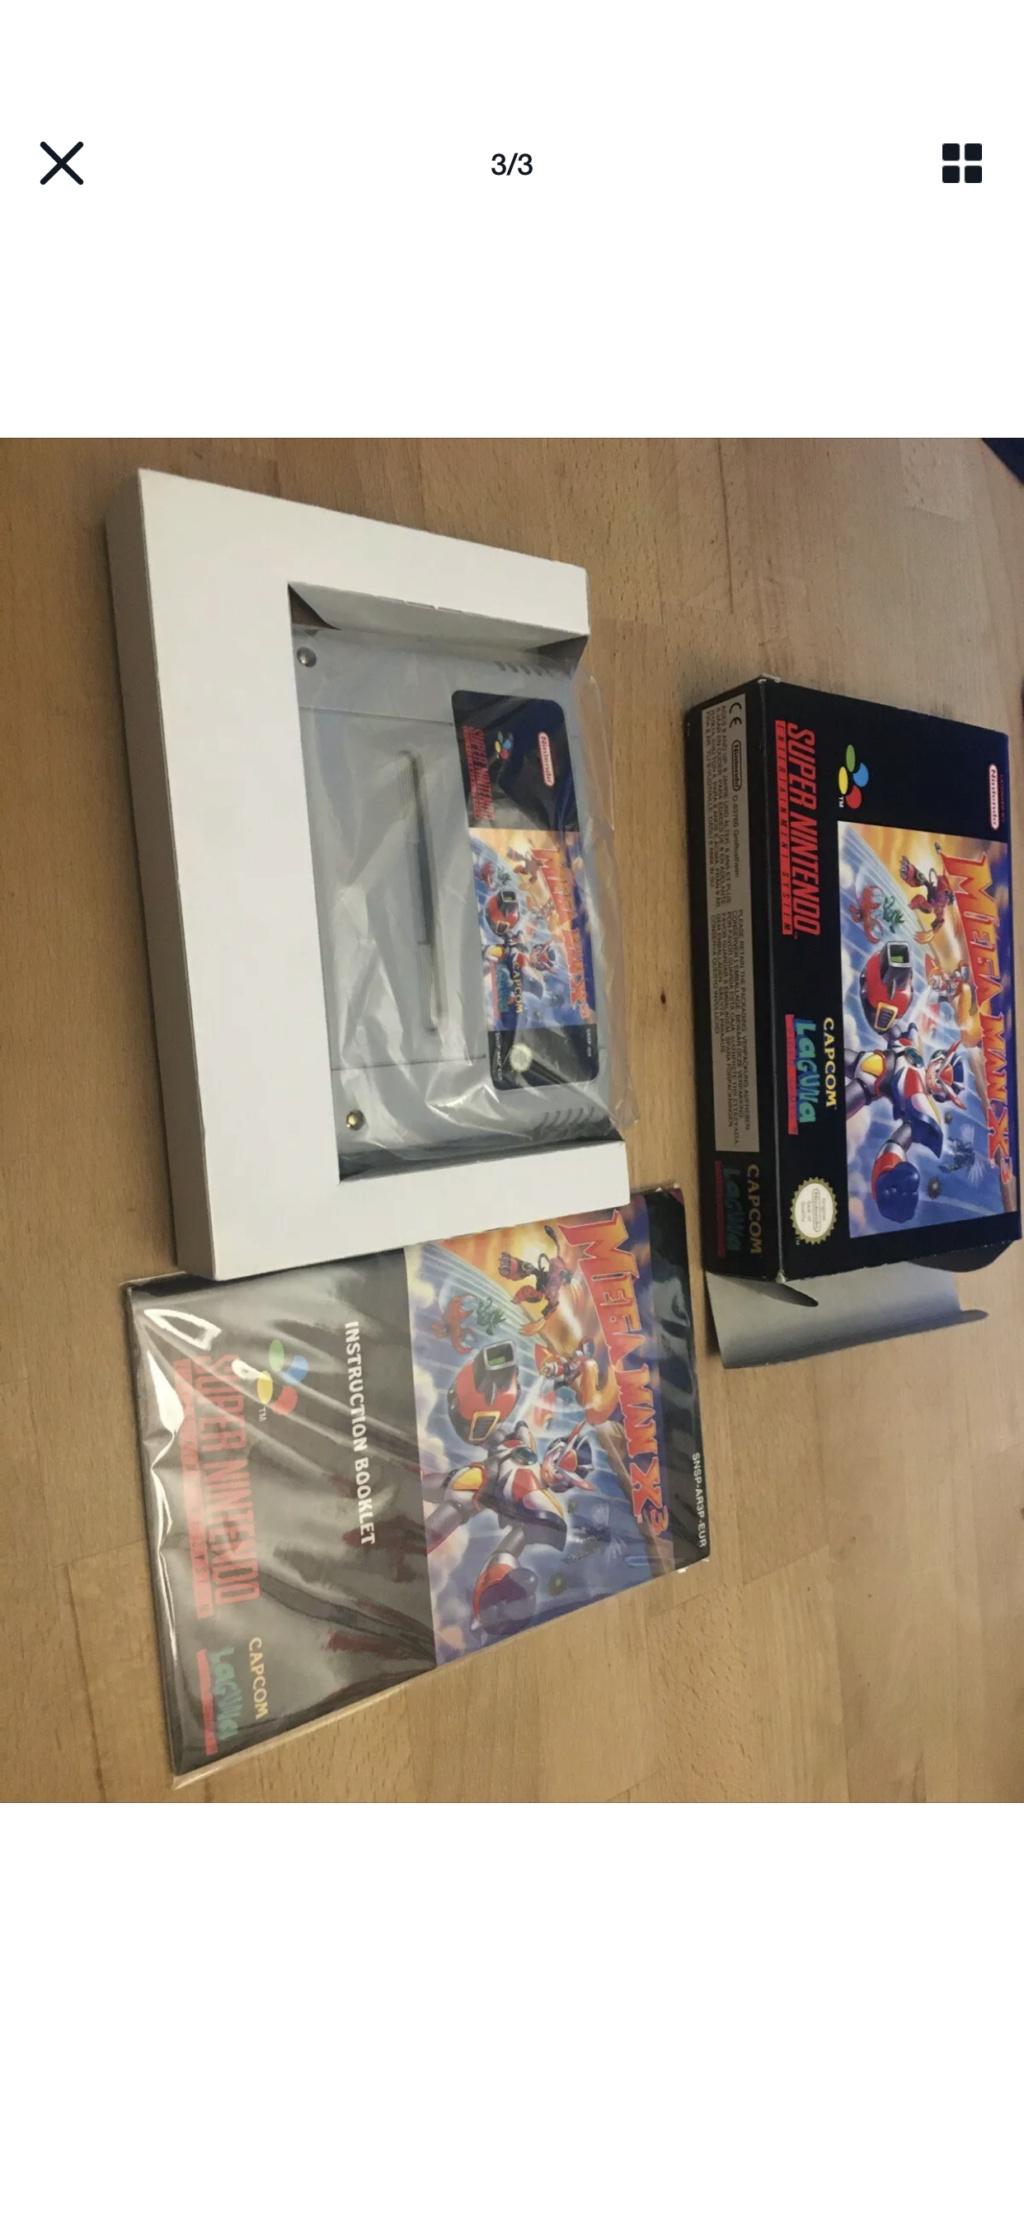 Avis - Mega Man X 3: cote et authenticité  50f70510